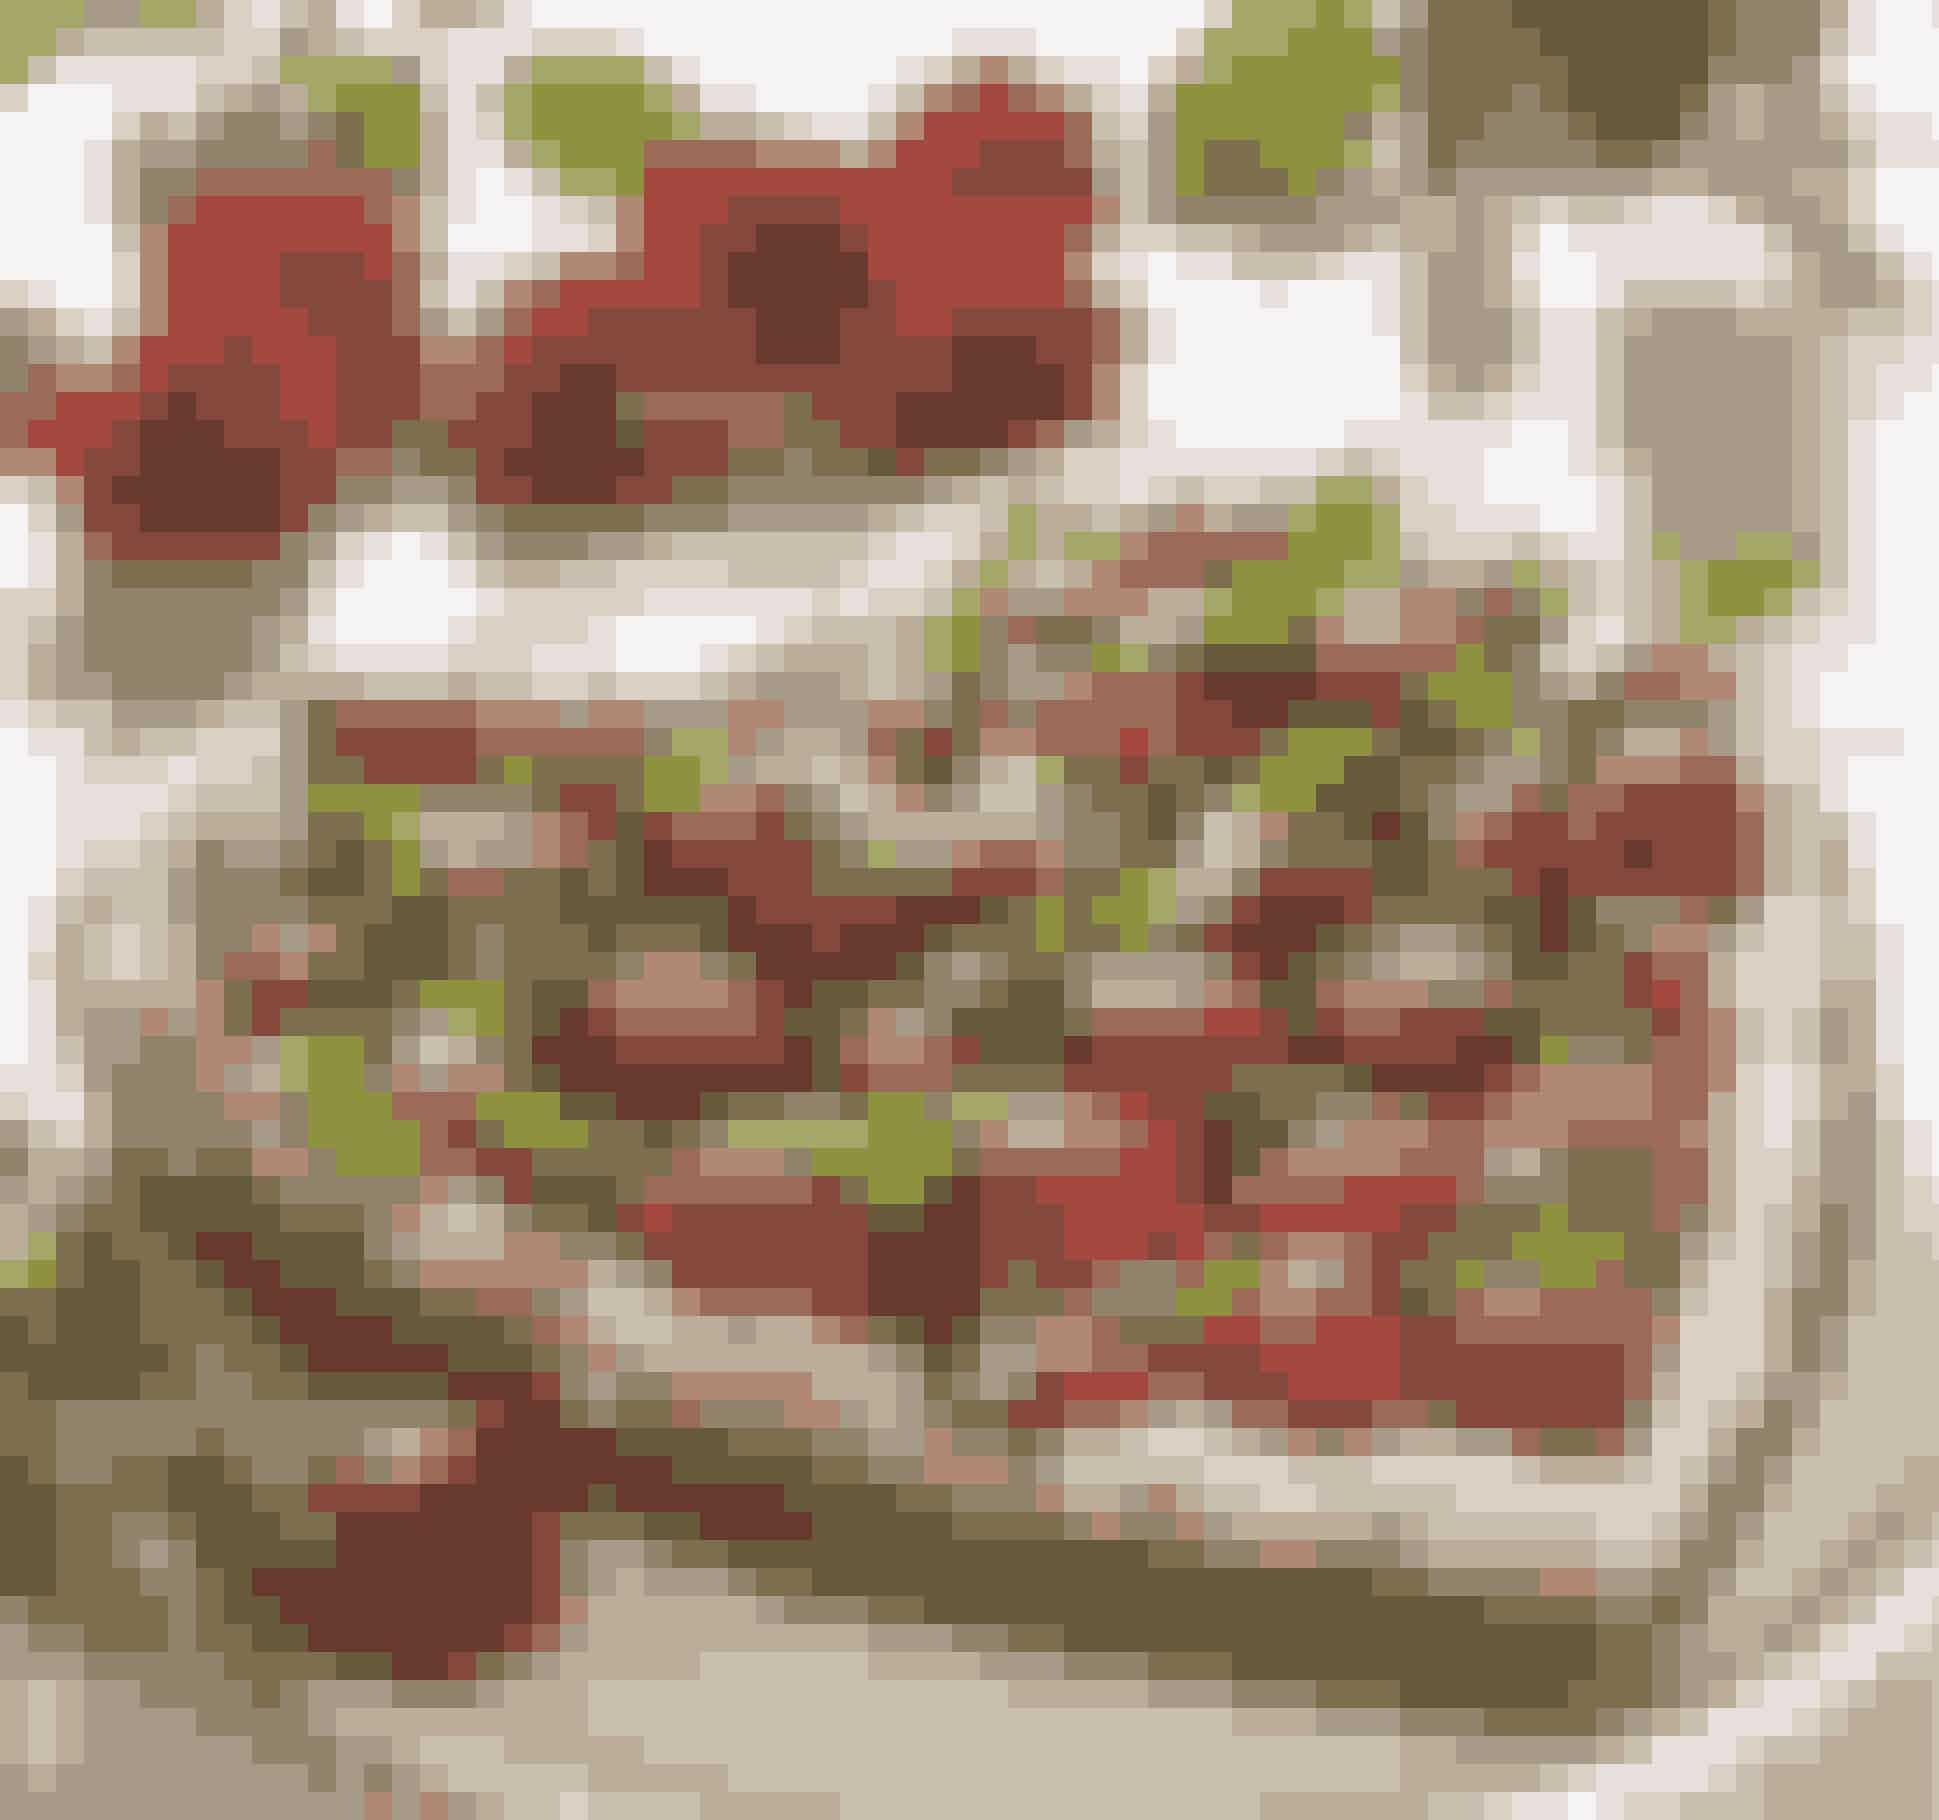 Glæd din mor med en fin, hjerteformet kage med jordbær - se opskriften her